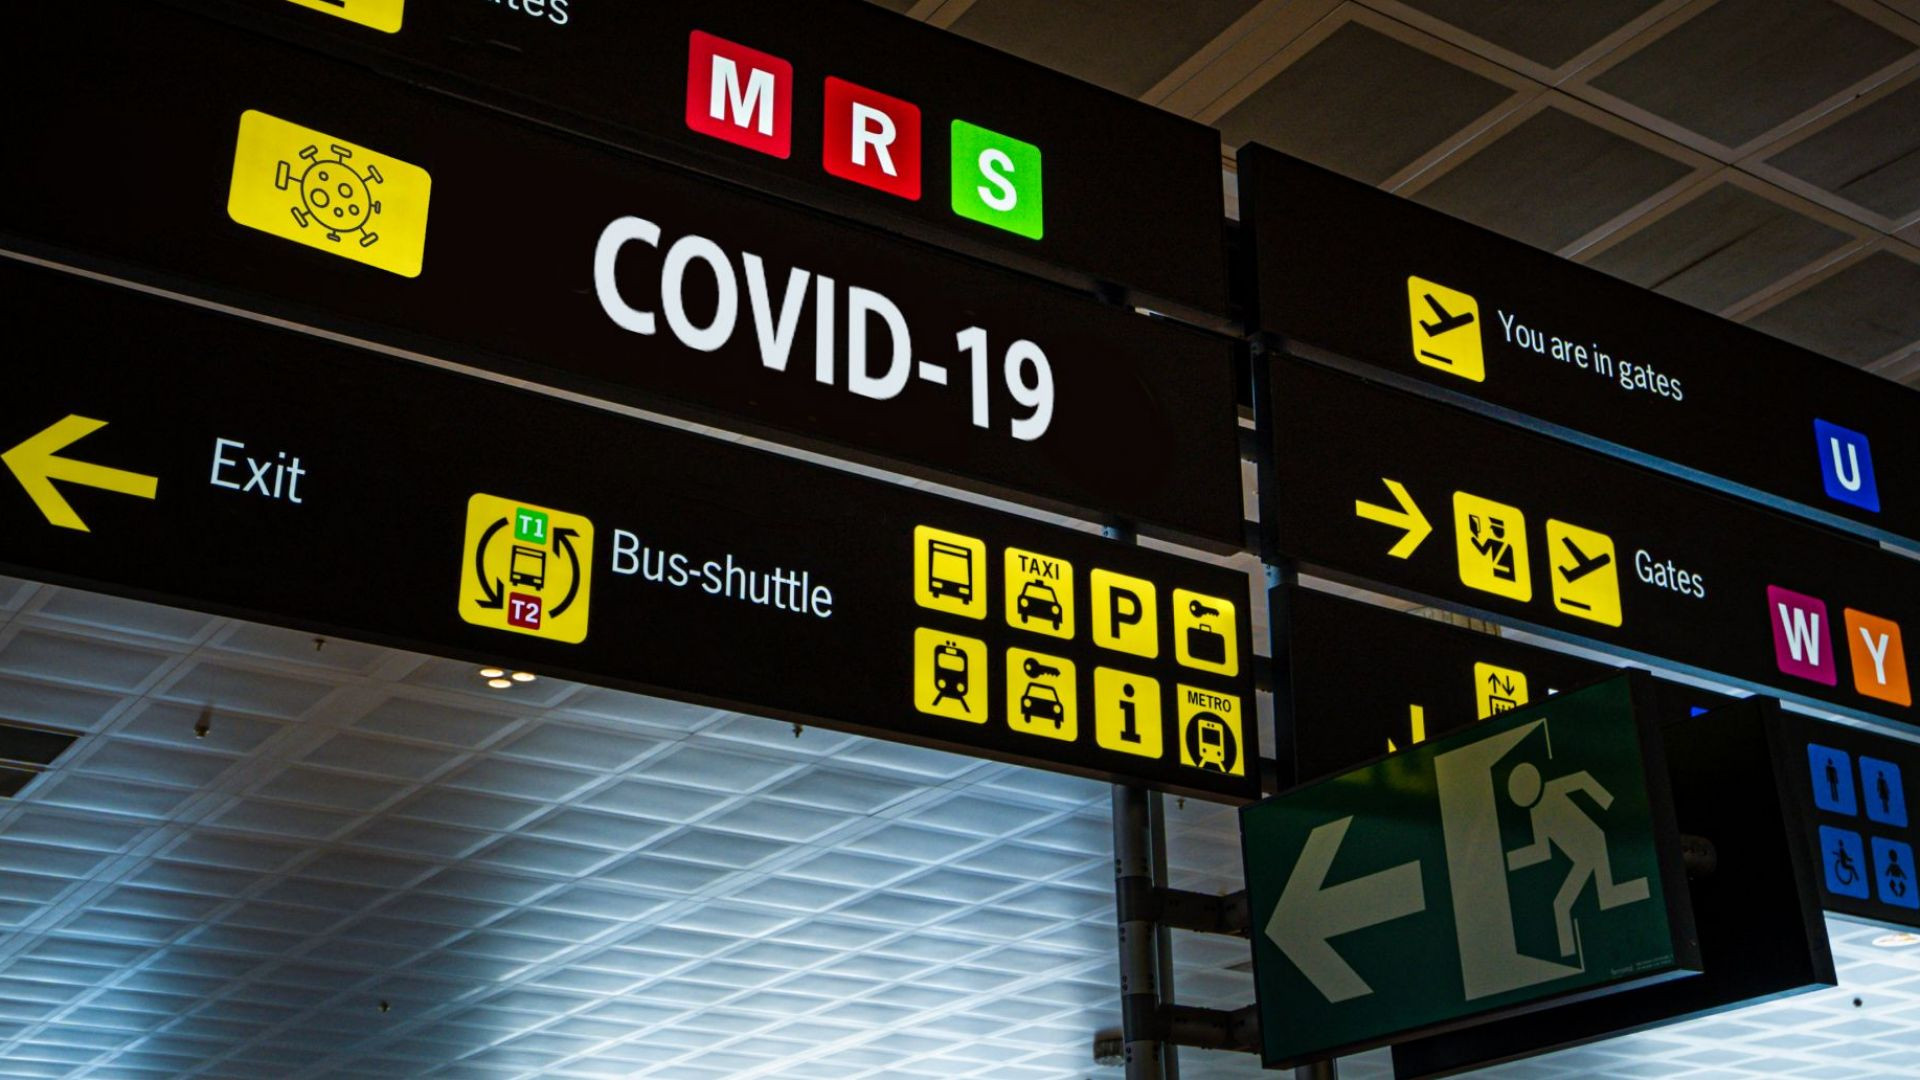 Американците, които умишлено заразяват с COVID-19, ще бъдат съдени за тероризъм